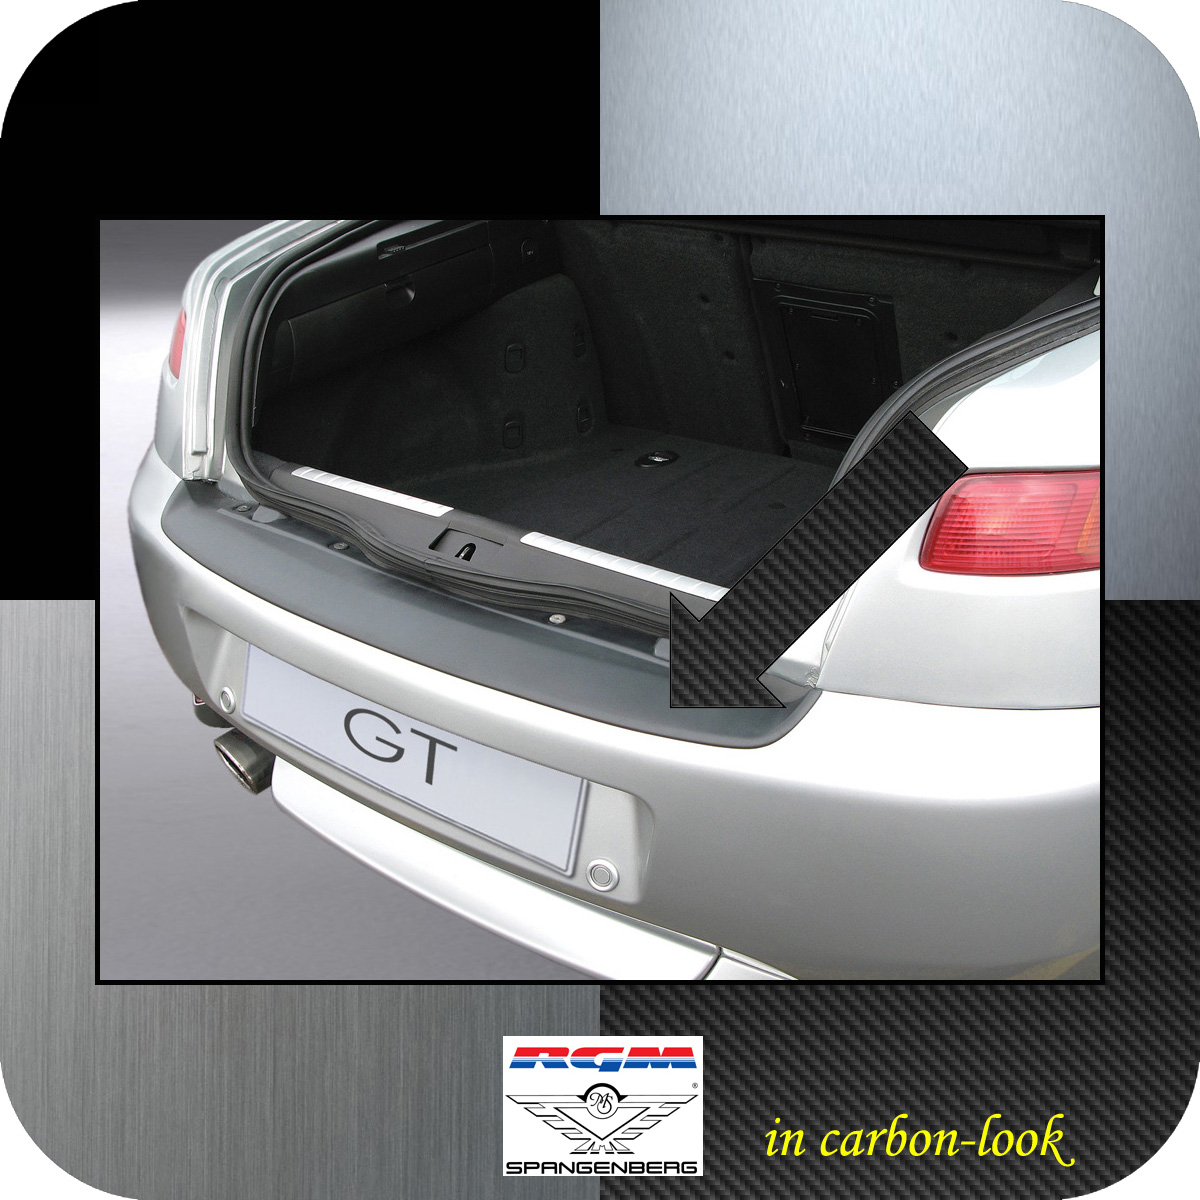 Ladekantenschutz Carbon-Look Alfa Romeo GT Sportcoupe 3-Türer ab 2003- 3509130